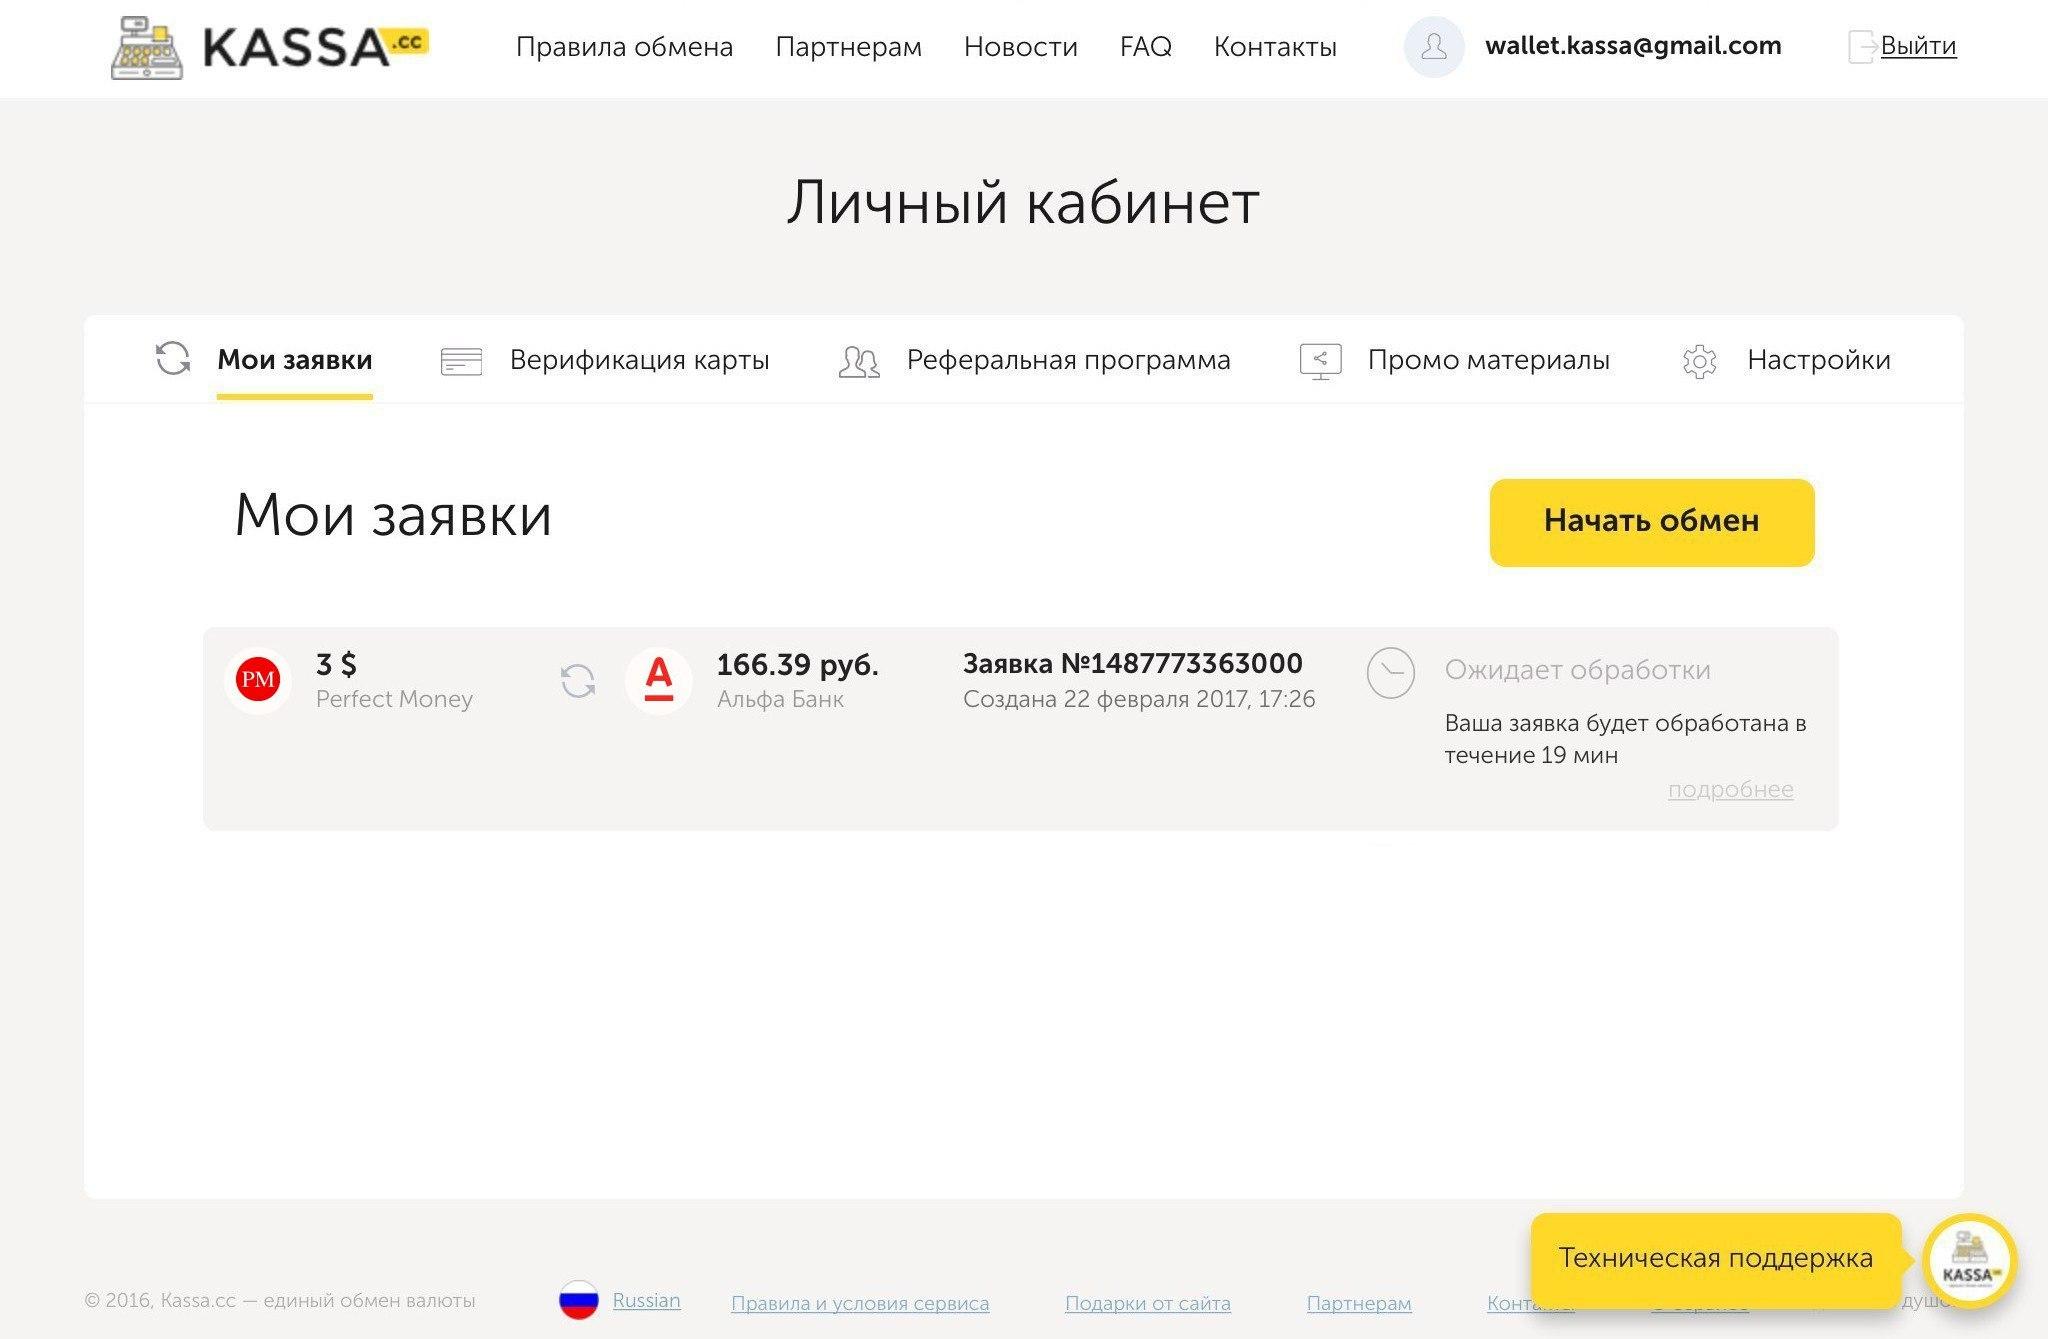 Kassa.cc - единый обмен валюты. Вывод Perfect Money USD на карту Альфа-Банк